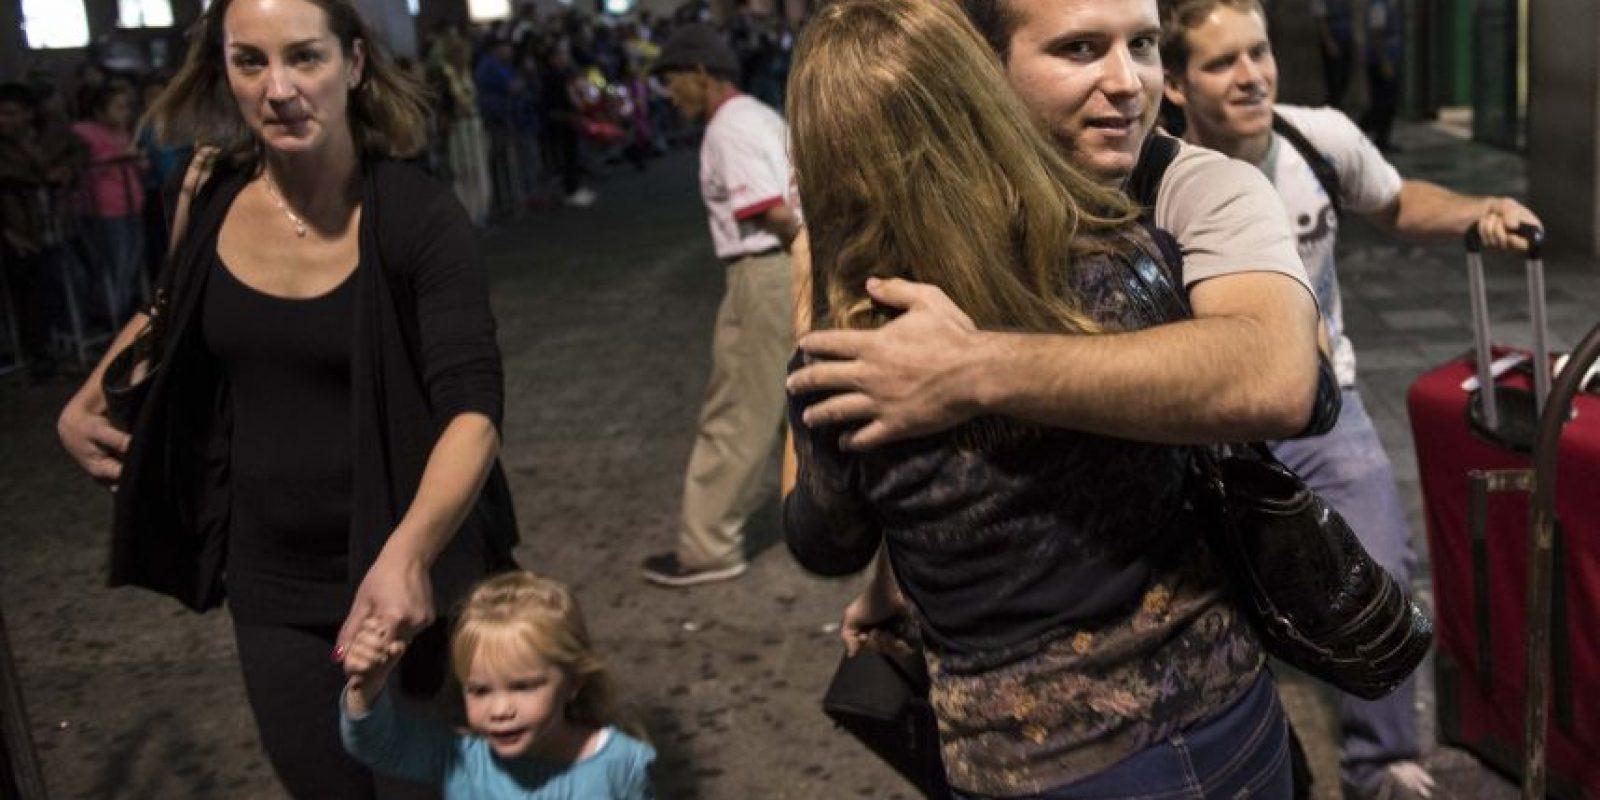 Familiares no pueden contener sus emociones y se funden en un abrazo al encontrarse en el aeropuerto La Aurora Foto:Oliver de Ros